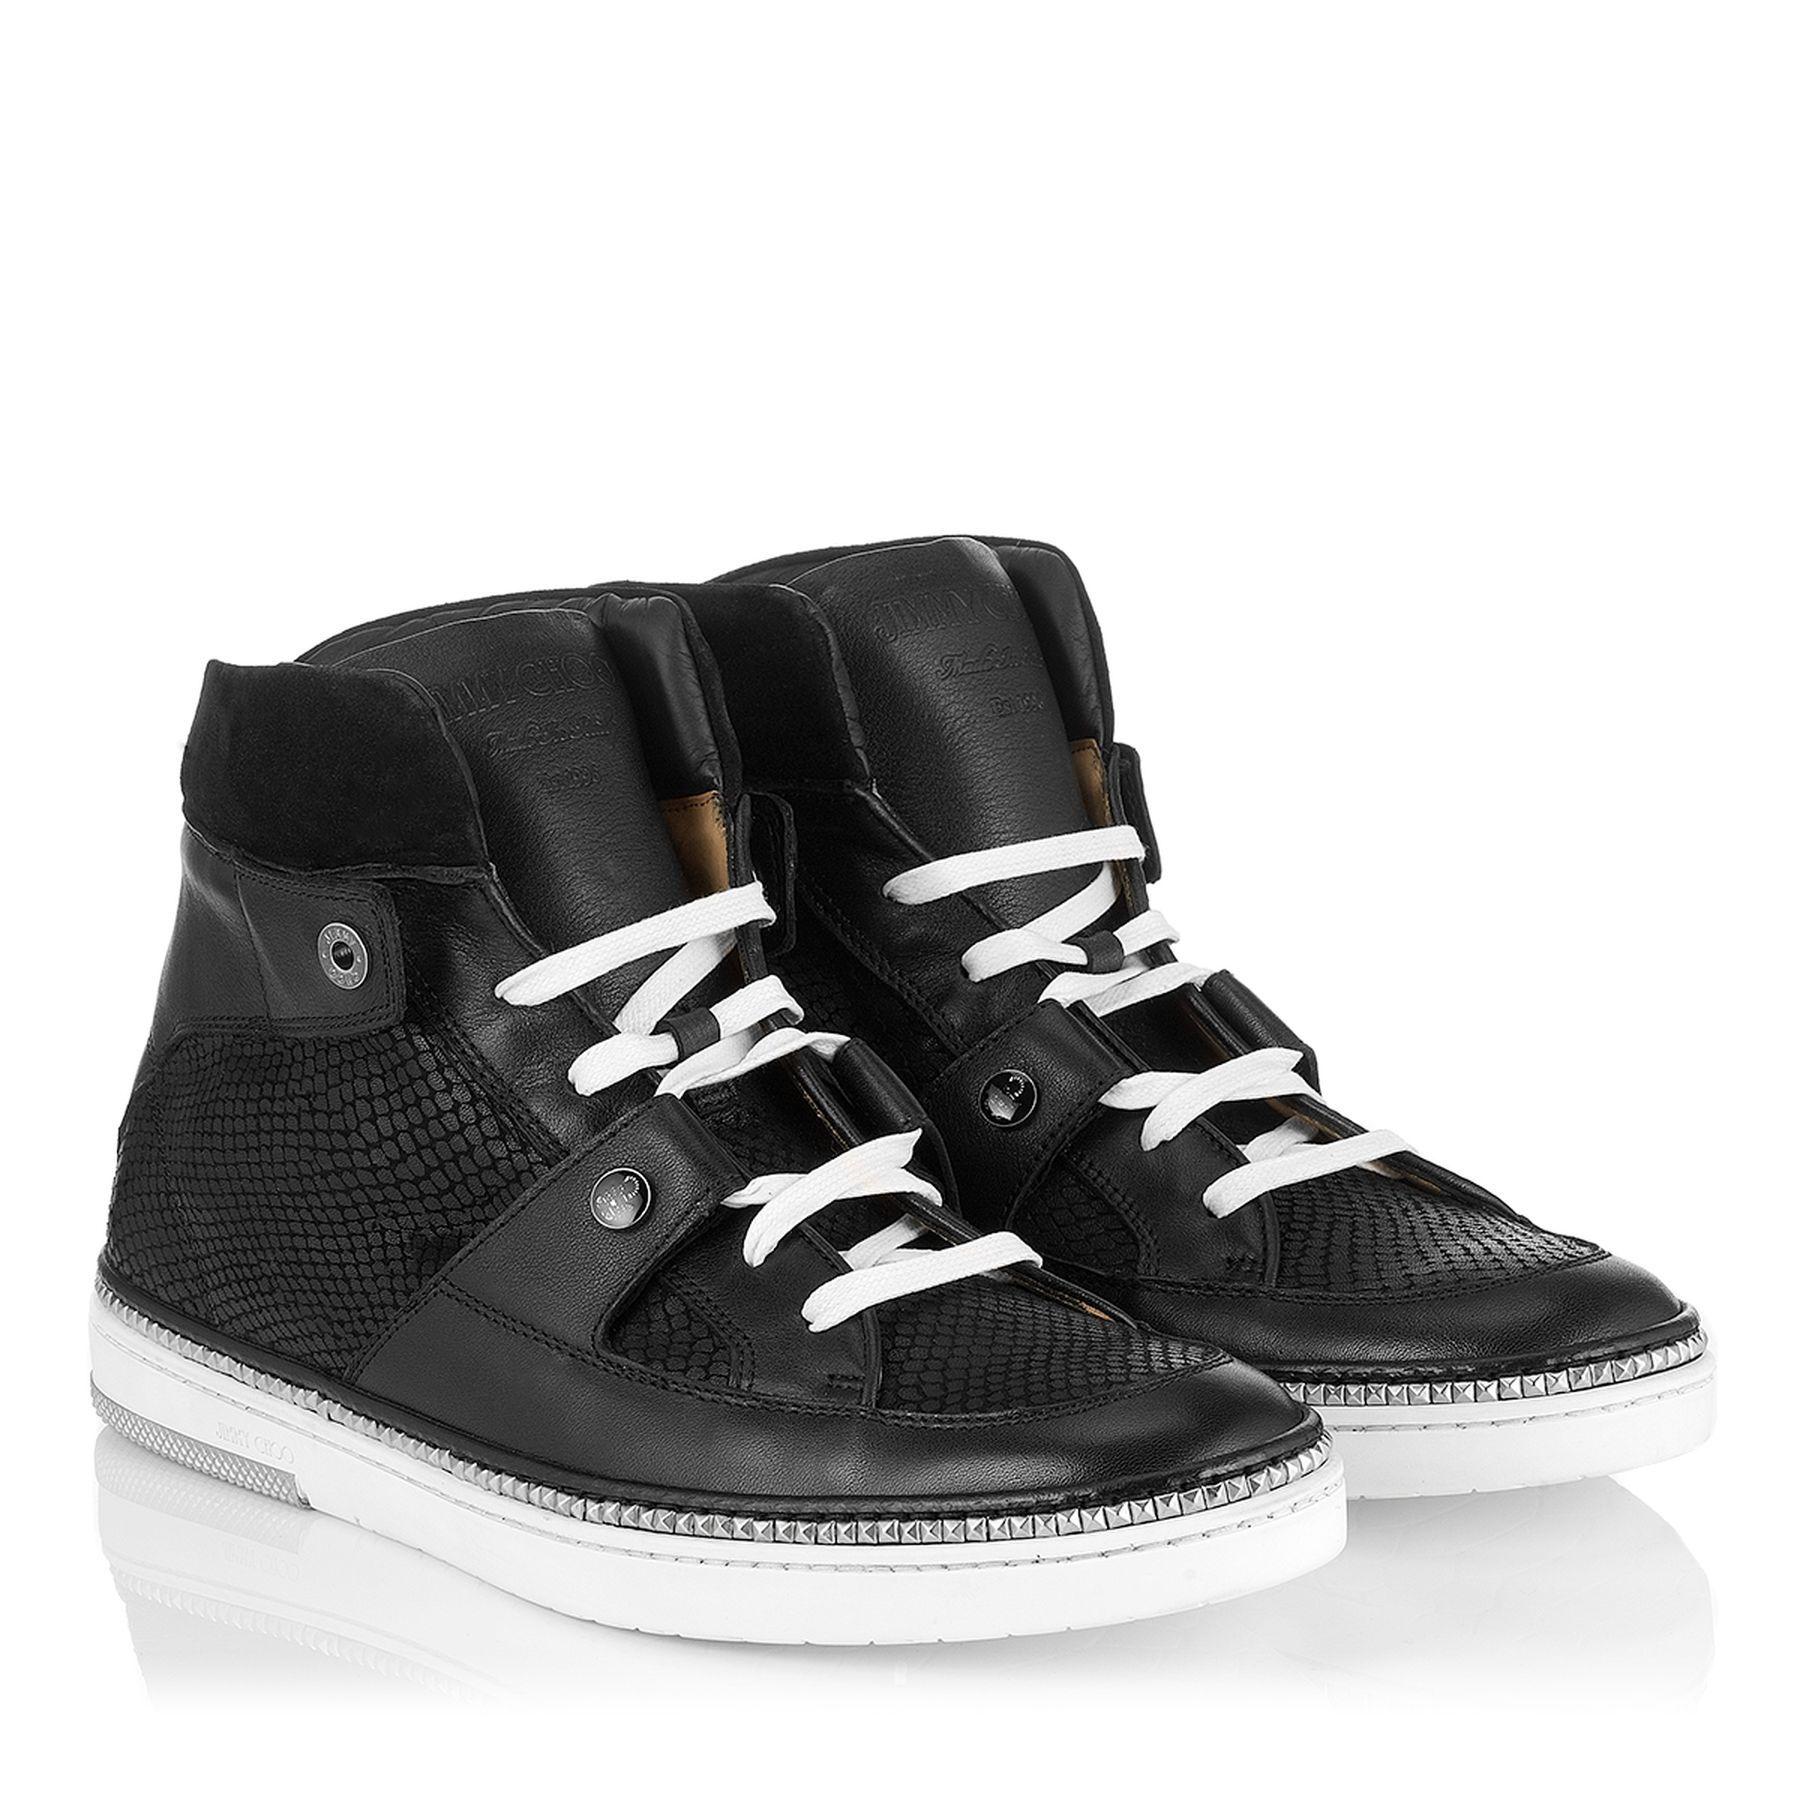 Black Viper Print Leather High Top Sneakers | Barlowe | JIMMY CHOO Shoes